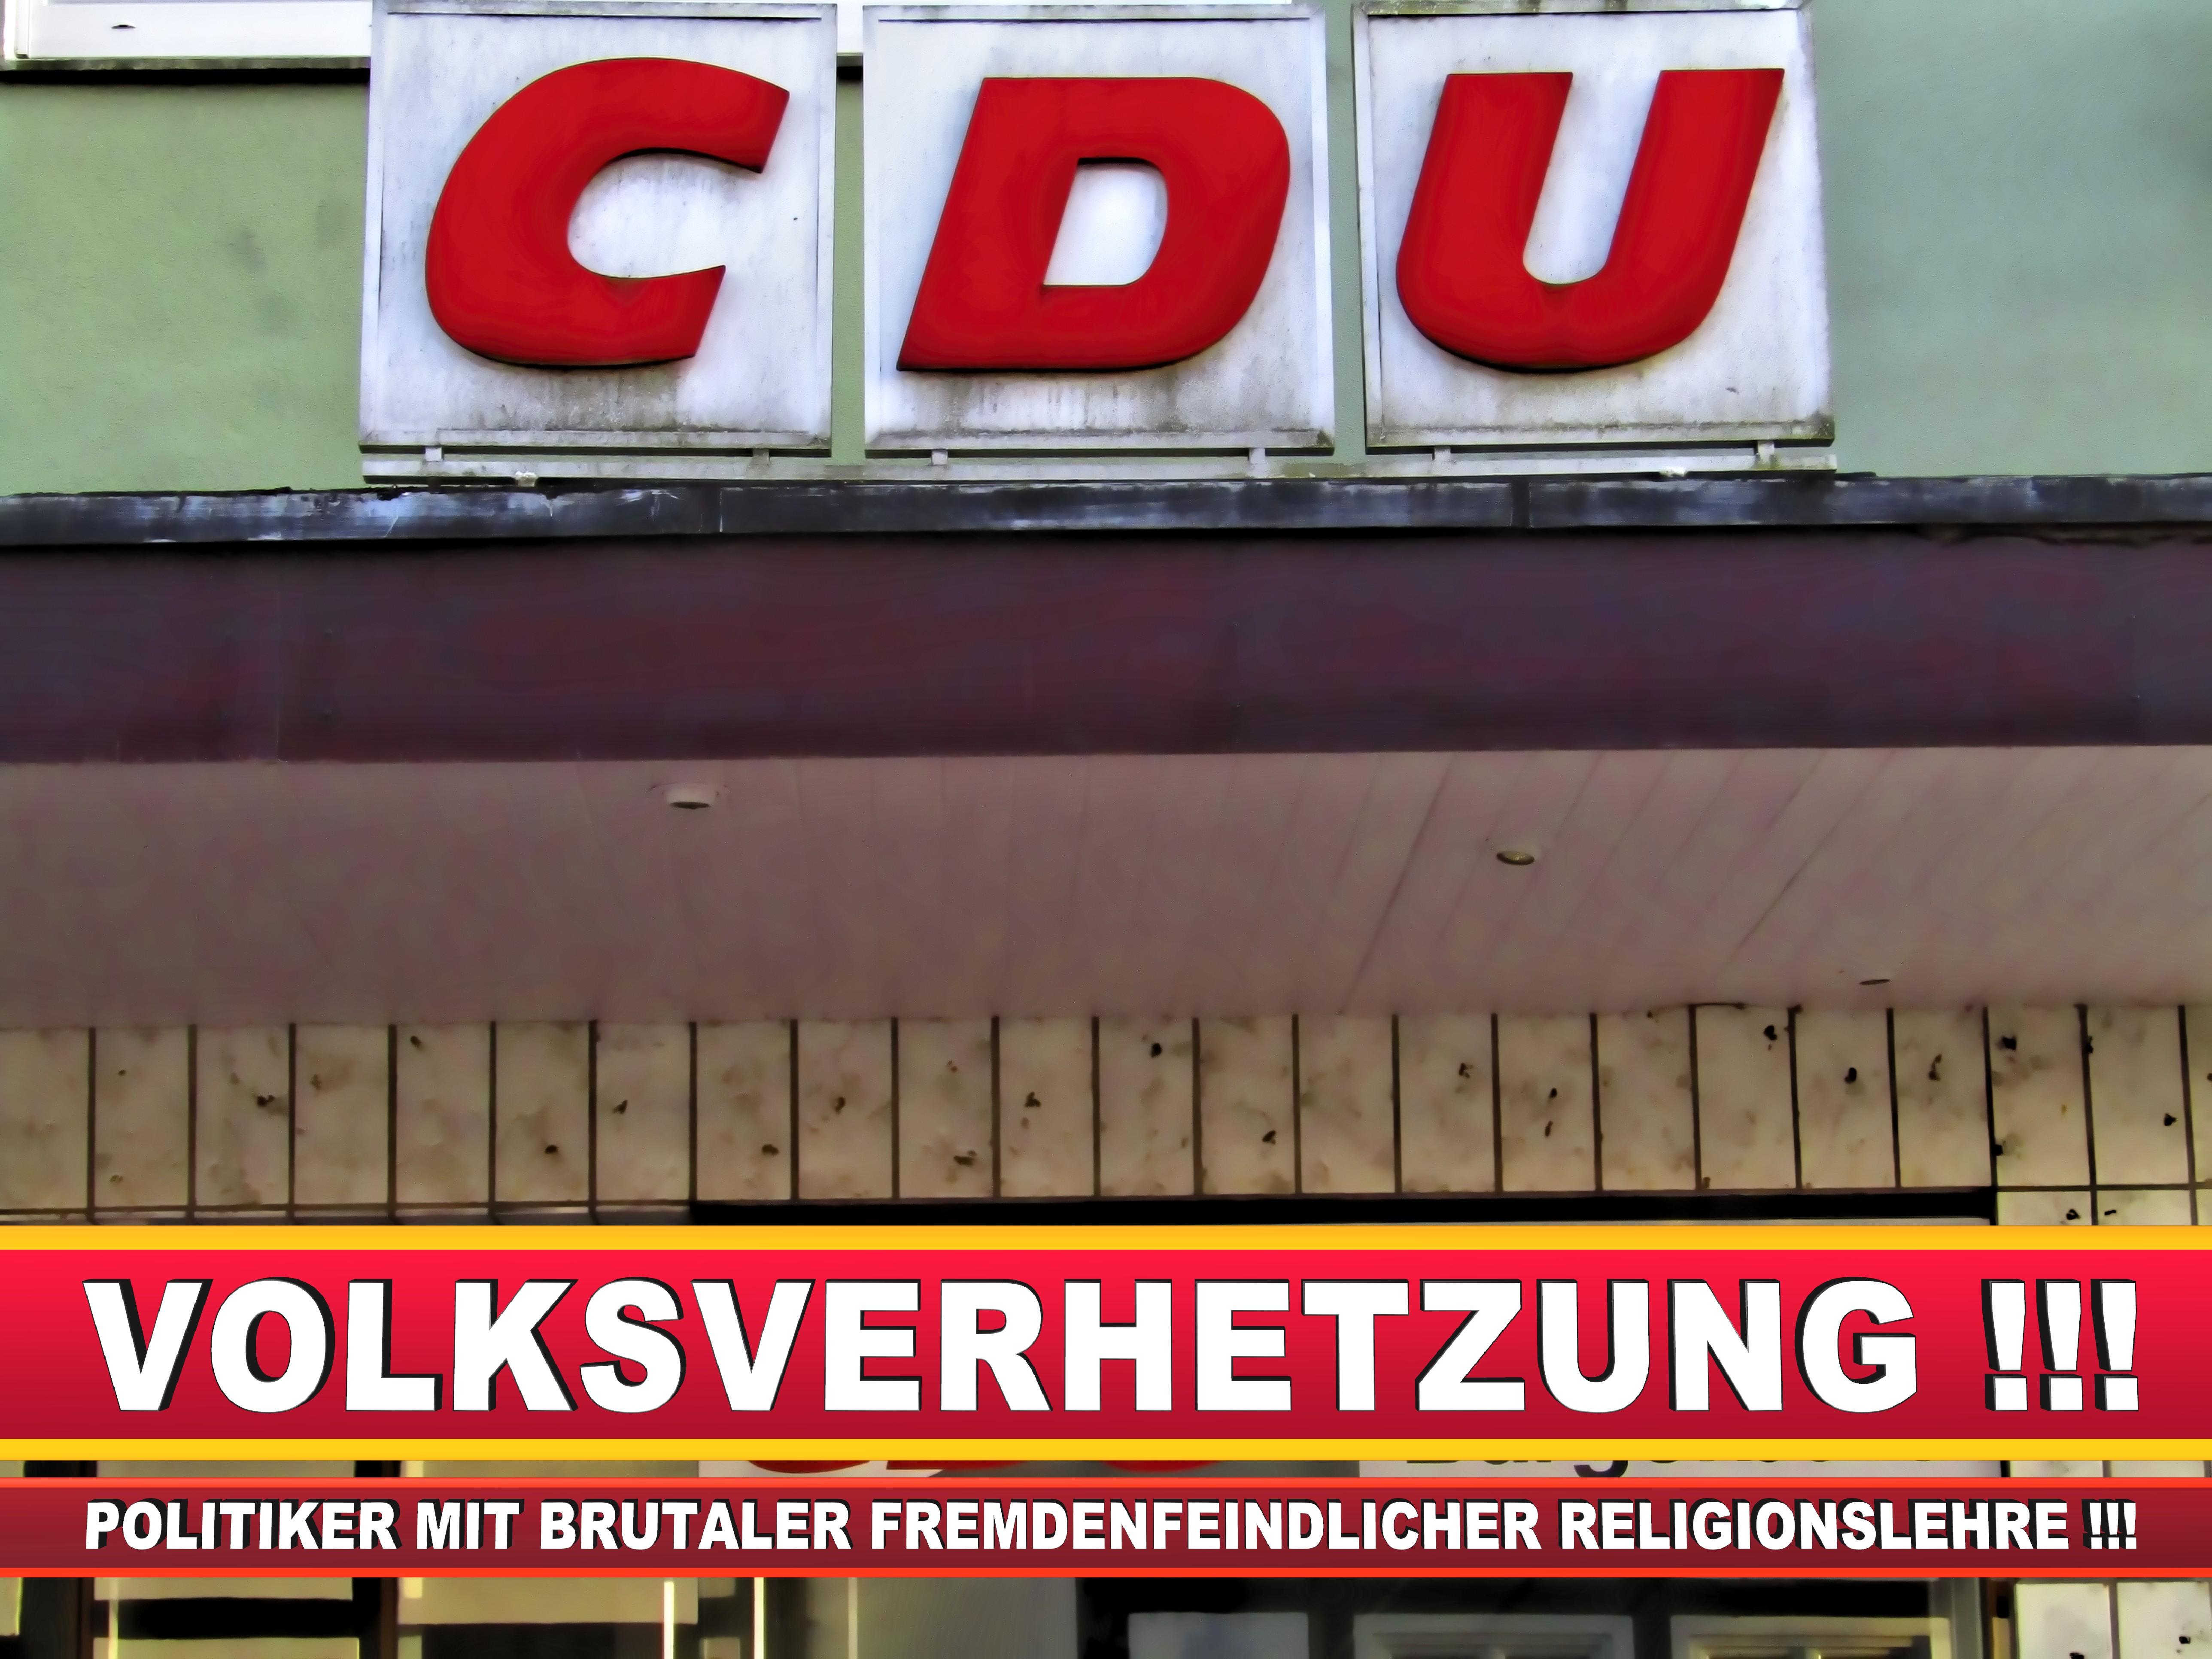 CDU GEMEINDEVERBAND STEINHAGEN AM MARKT 13 33803 STEINHAGEN NRW ORTSVERBAND CDU STEINHAGEN (7)